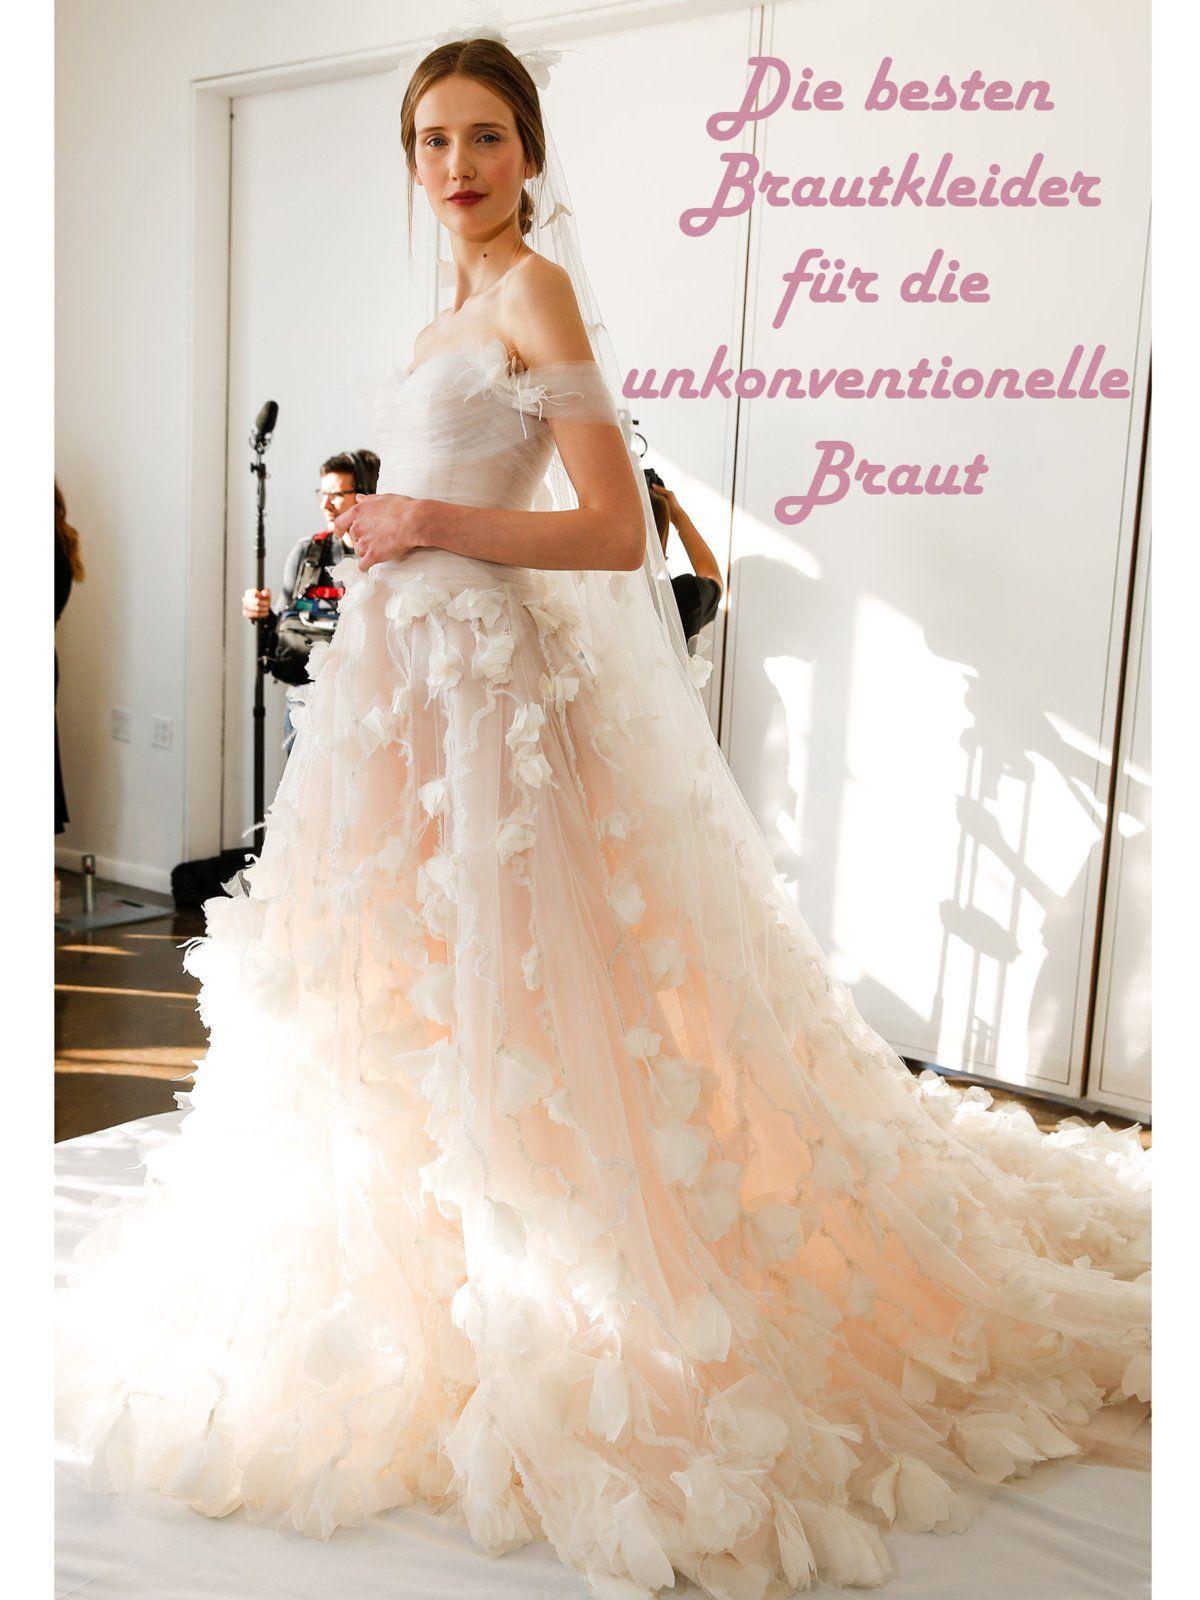 Designer Hochzeitskleid Mit Schleppe GroßEs Sortiment Kleidung & Accessoires